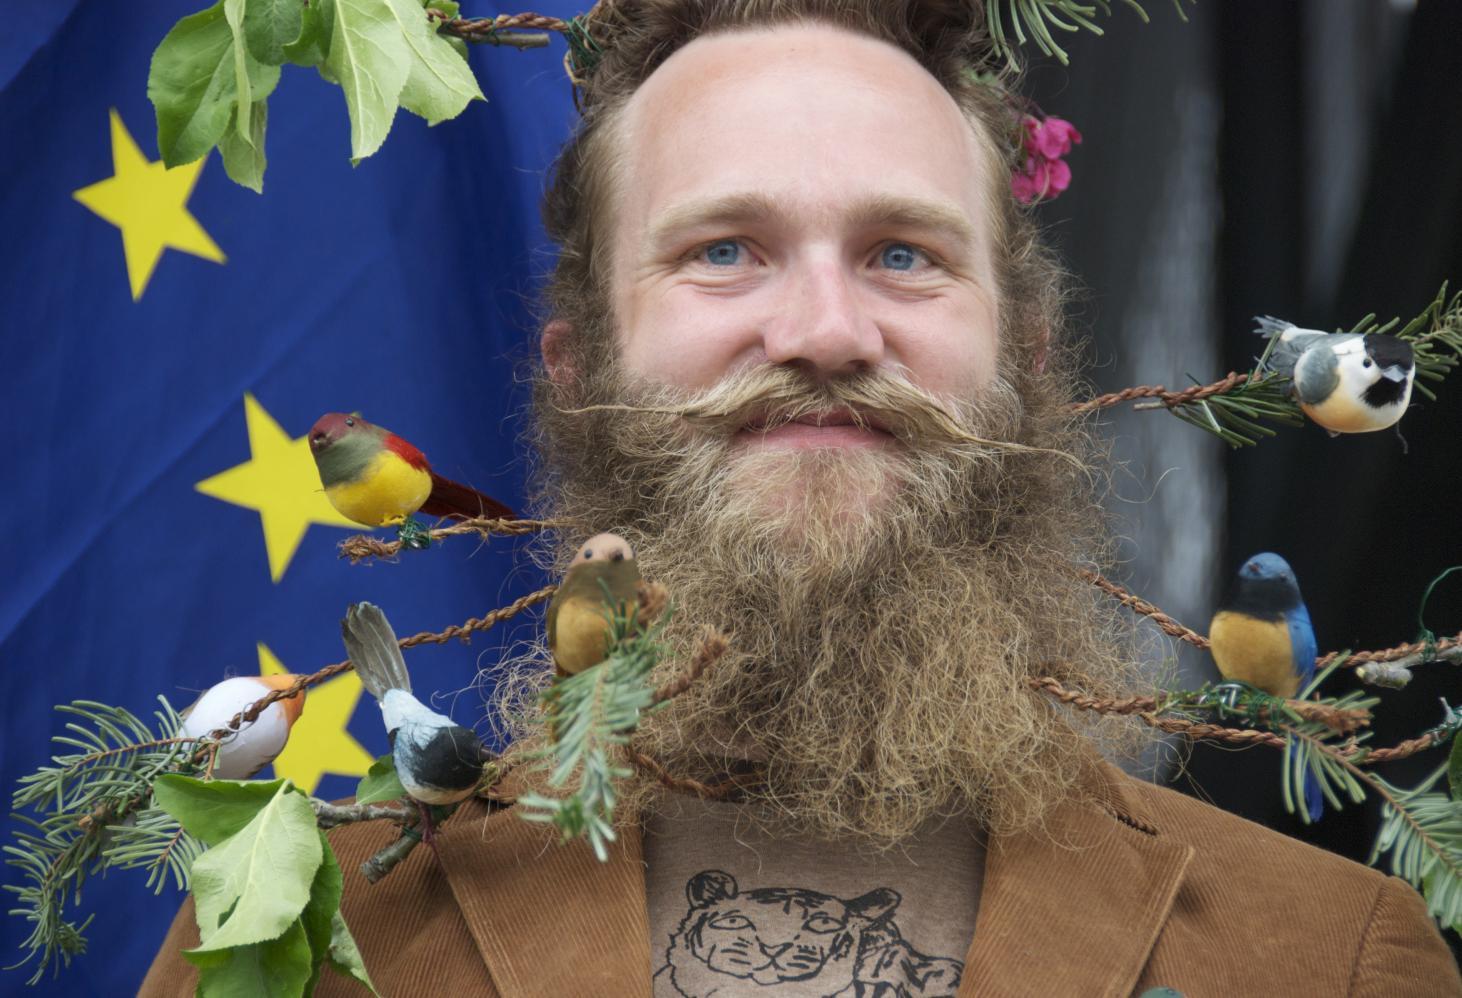 Каждая борода - маленькое произведение искусства